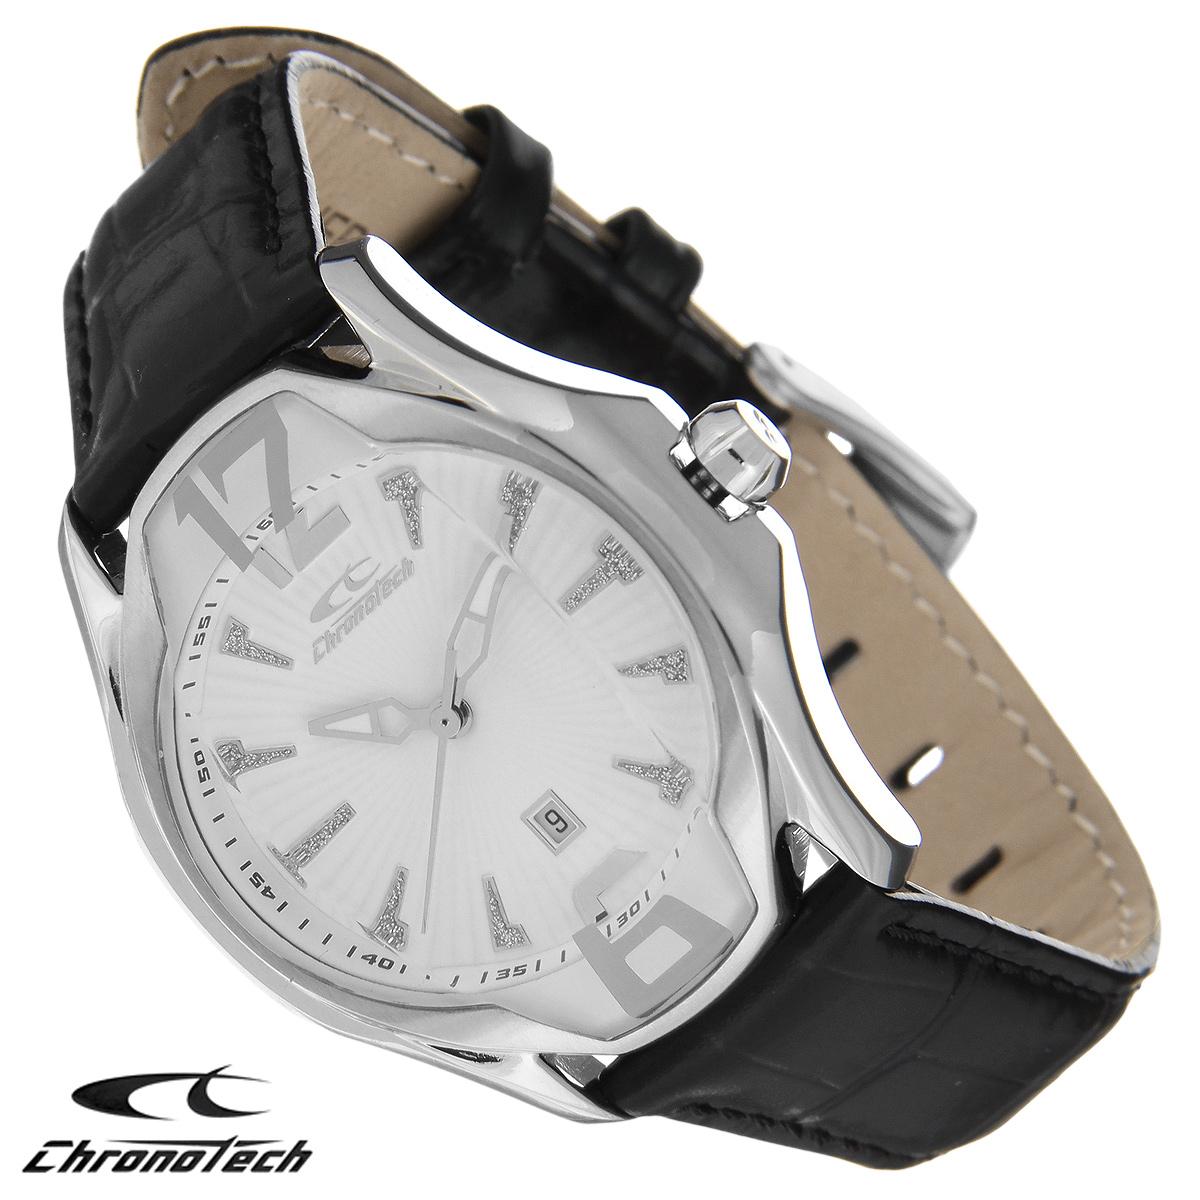 Часы женские наручные Chronotech, цвет: черный, серебристый. RW0026RW0026Часы Chronotech - это часы для современных и стильных девушек, которые стремятся выделиться из толпы и подчеркнуть свою индивидуальность. Корпус часов выполнен из нержавеющей стали. Циферблат оформлен отметками, декорированными блестками, и защищен минеральным стеклом. Часы имеют три стрелки - часовую, минутную и секундную. Стрелки светятся в темноте. Часы имеют индикатор даты. Ремешок часов выполнен из натуральной кожи и застегивается на классическую застежку. Часы упакованы в фирменную коробку с логотипом компании Chronotech. Такой аксессуар добавит вашему образу стиля и подчеркнет безупречный вкус своей владелицы. Характеристики: Диаметр циферблата: 2,9 см. Размер корпуса: 3,5 см х 4,3 см х 1 см. Длина ремешка (с корпусом): 23 см. Ширина ремешка: 1,7 см.